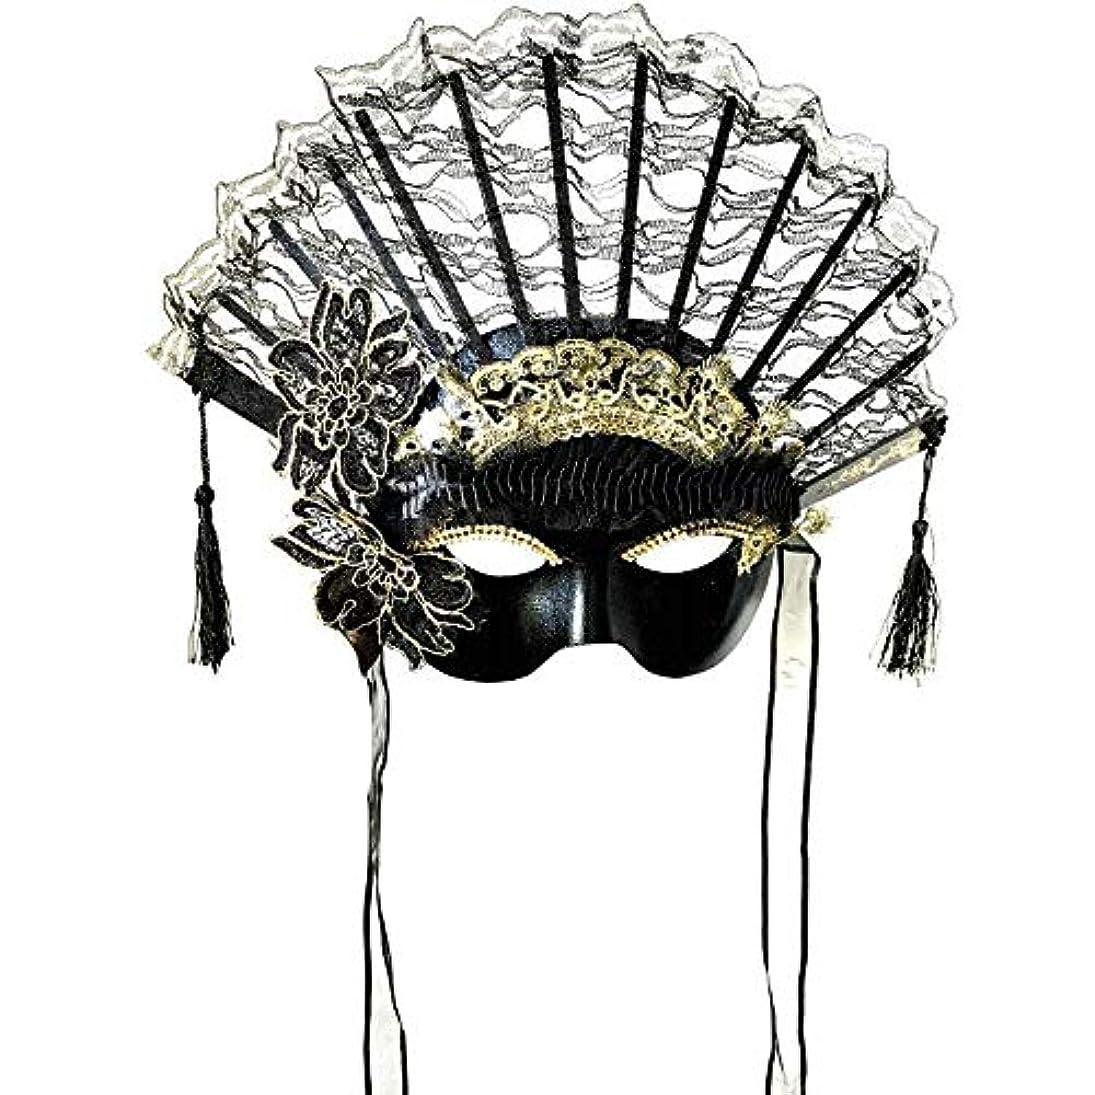 征服する植木ラップトップNanle ハロウィンクリスマスレースファンシェイプフラワーフリンジビーズマスク仮装マスクレディミスプリンセス美容祭パーティーデコレーションマスク (色 : Black B)